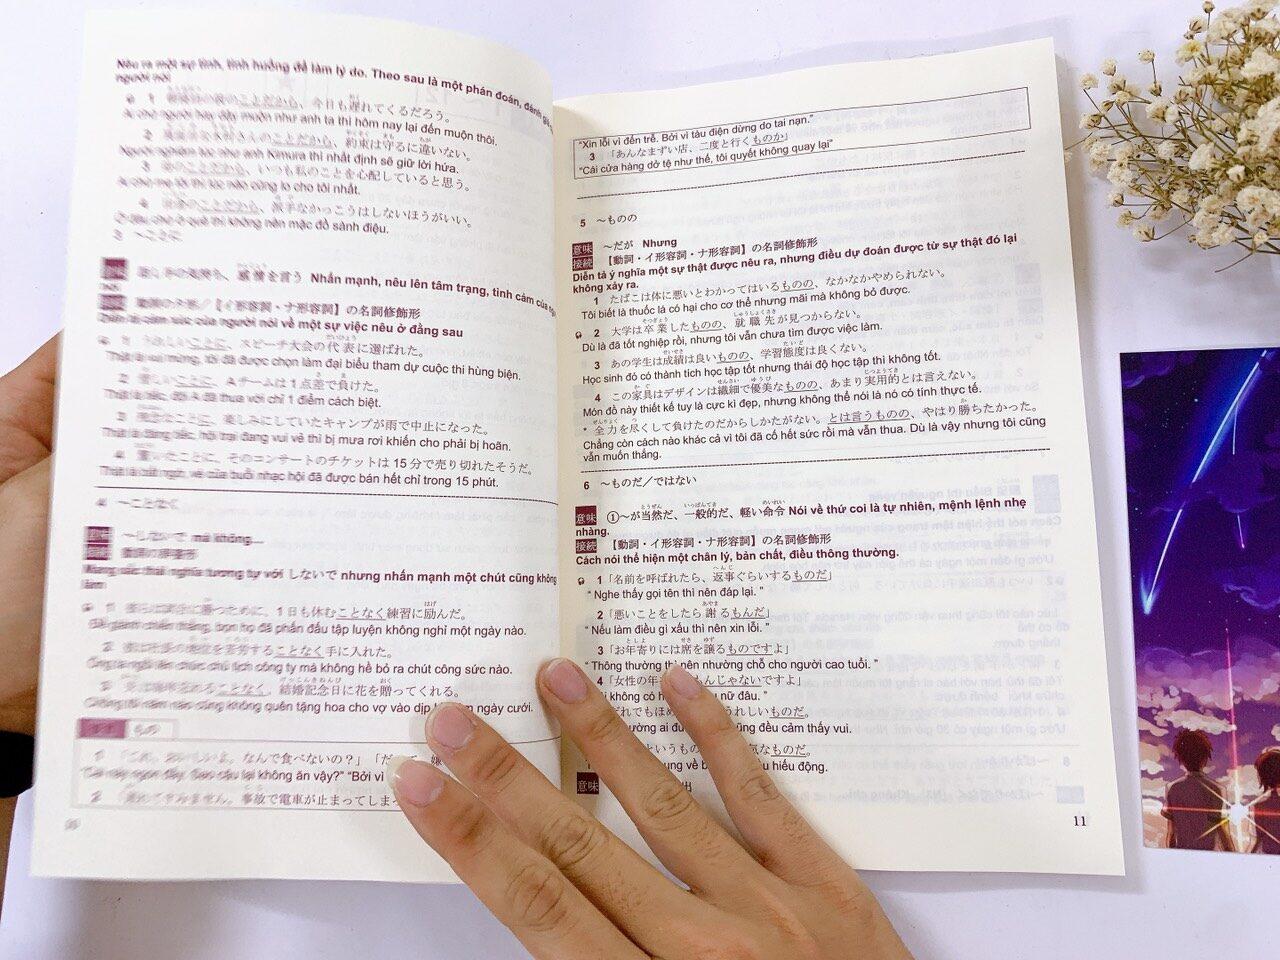 mimikara ngữ pháp n2